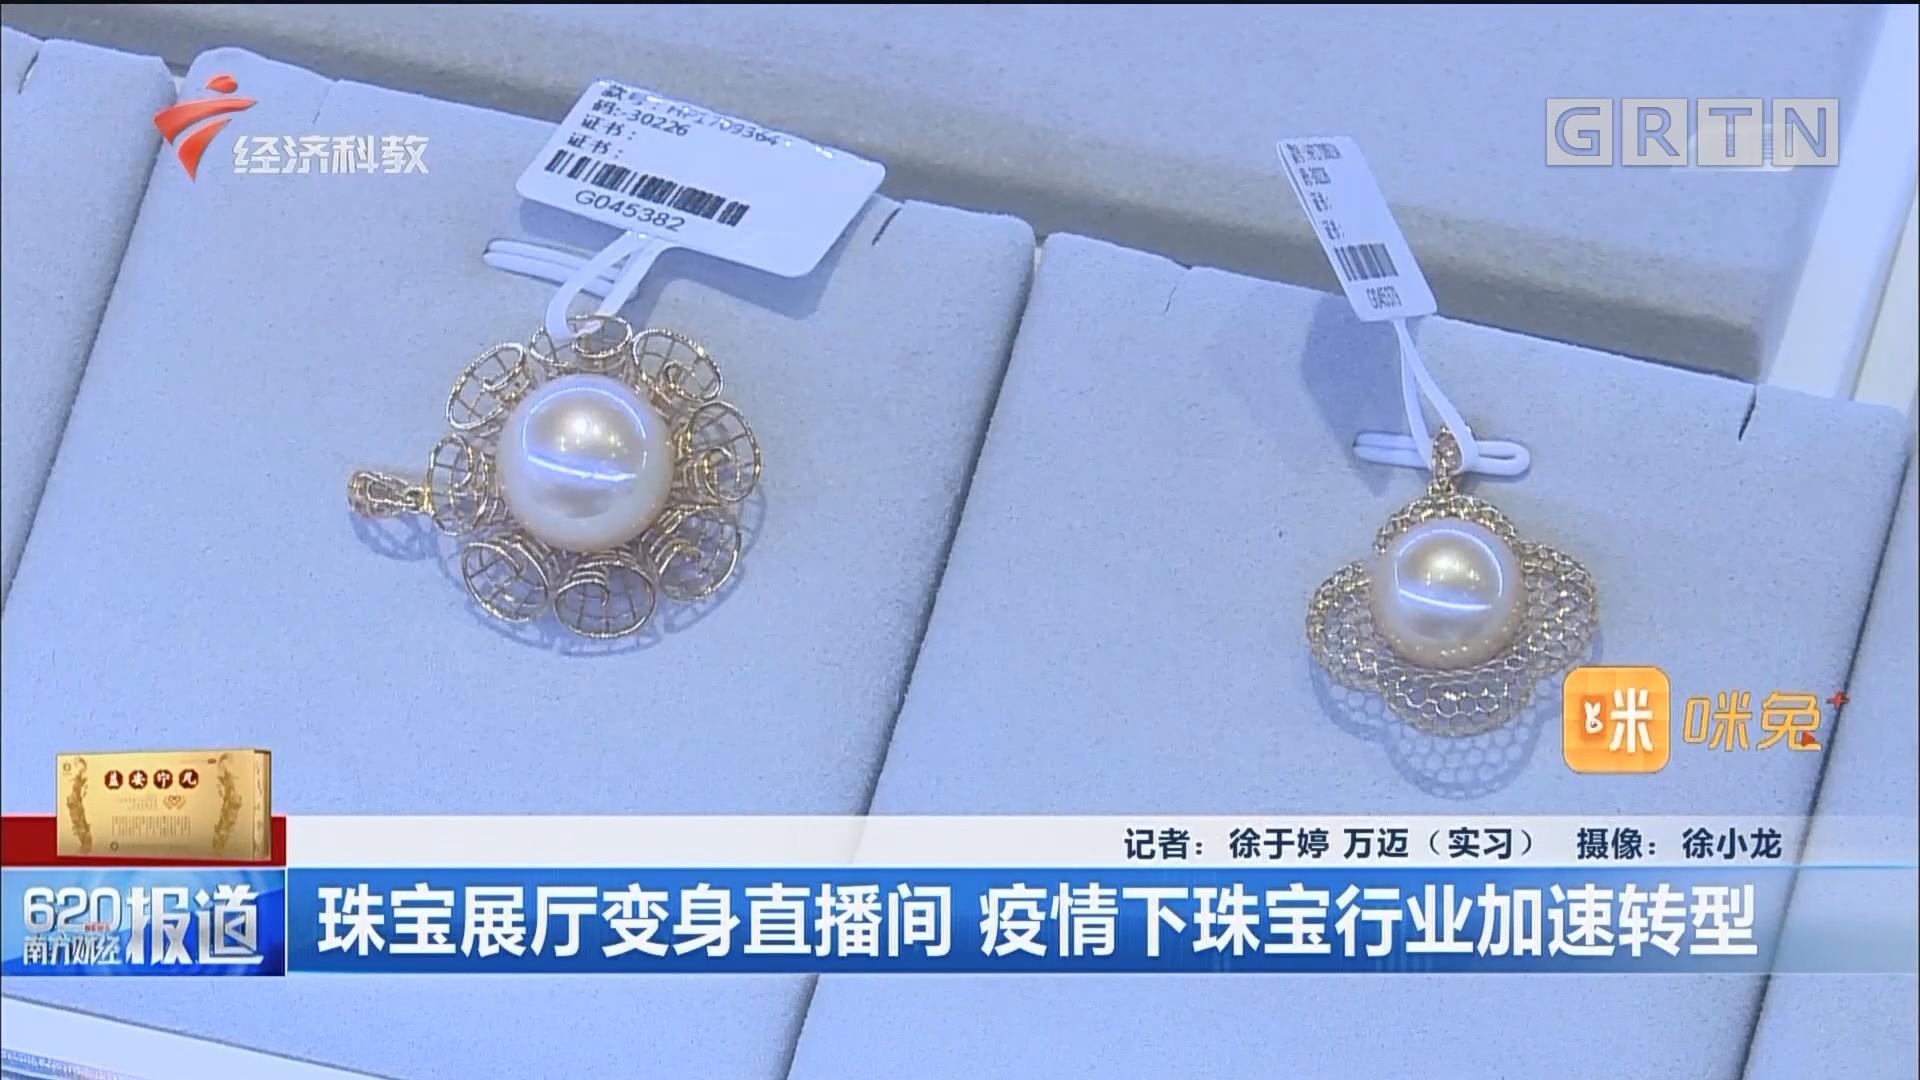 珠寶展廳變身直播間 疫情下珠寶行業加速轉型